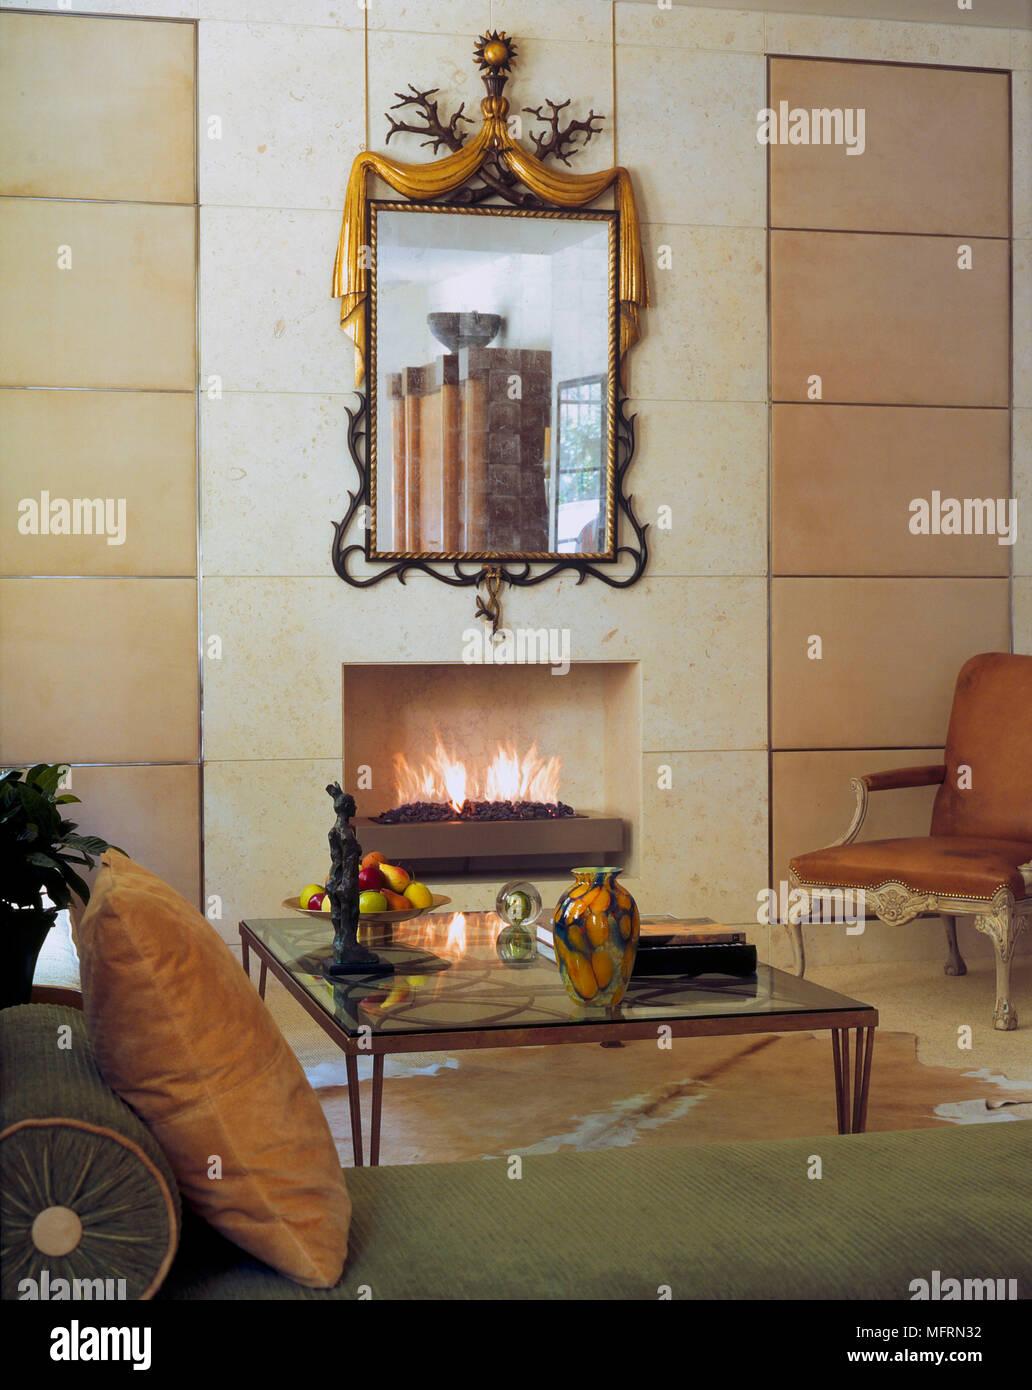 Foto Di Un Camino Acceso un dettaglio di un moderno salotto con camino semplice con